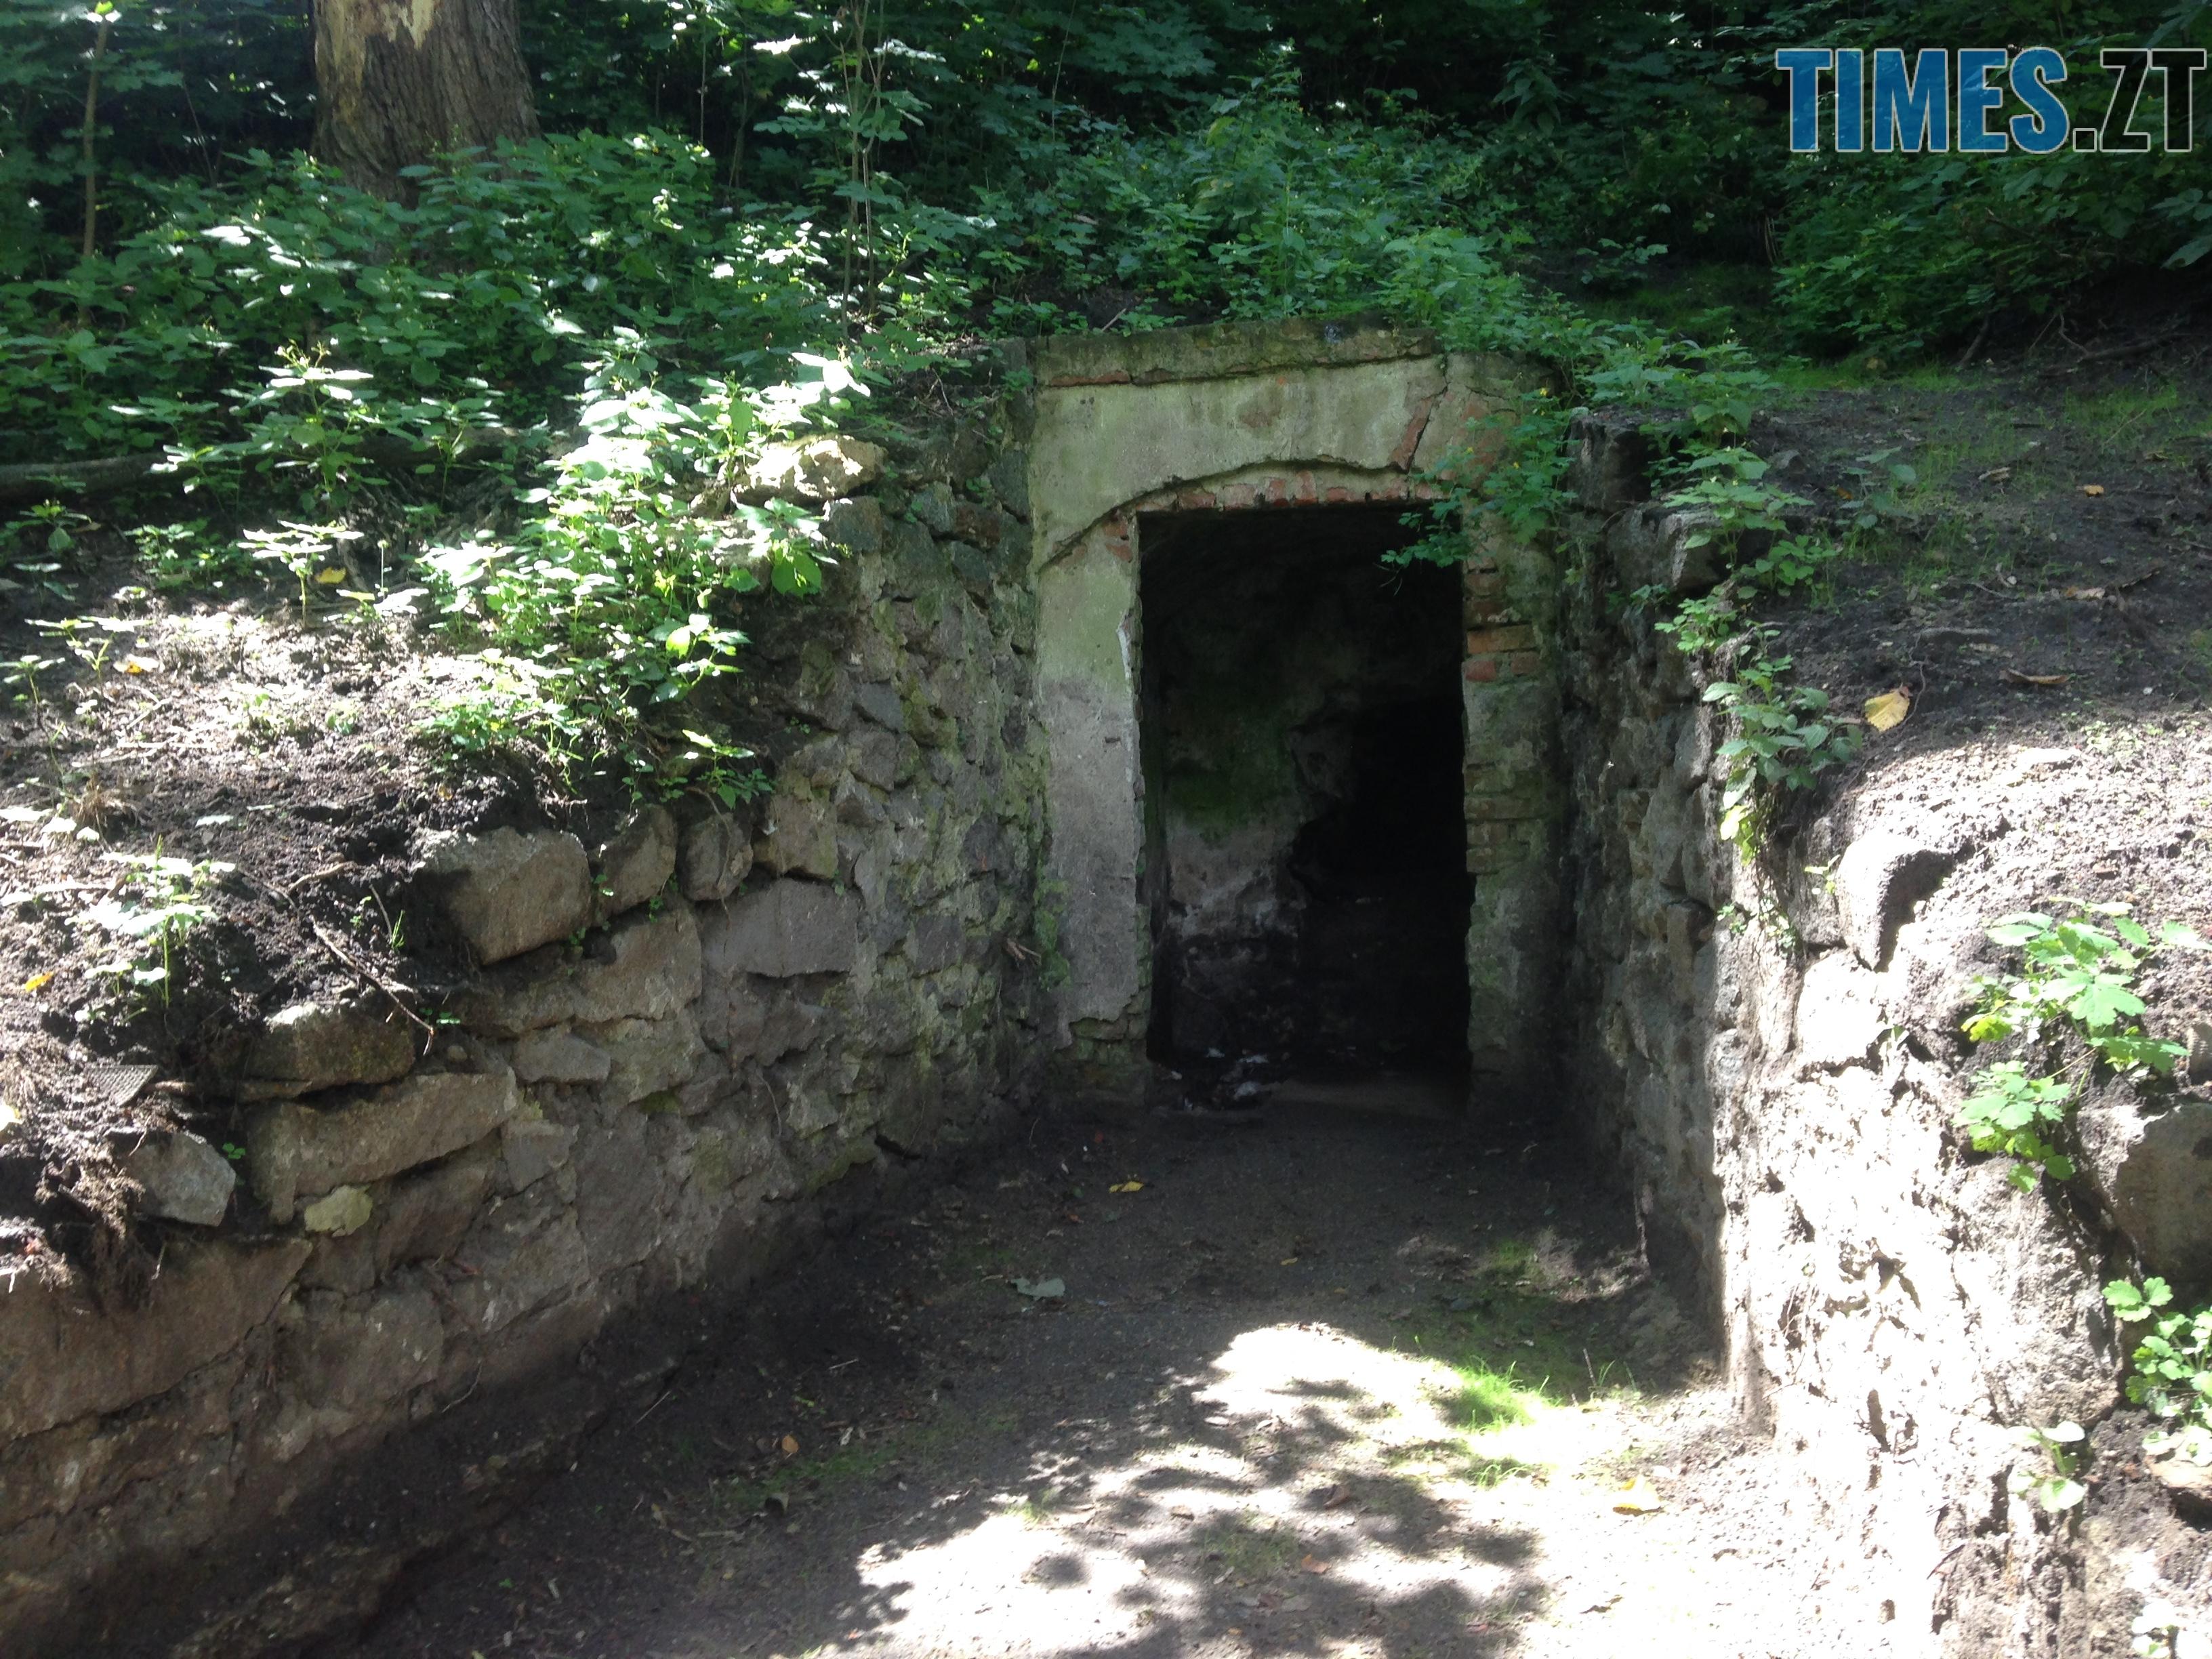 photo 10 - Туристична Житомирщина: пам'ятки в Коростишеві часів графів Олізарів (ФОТО)